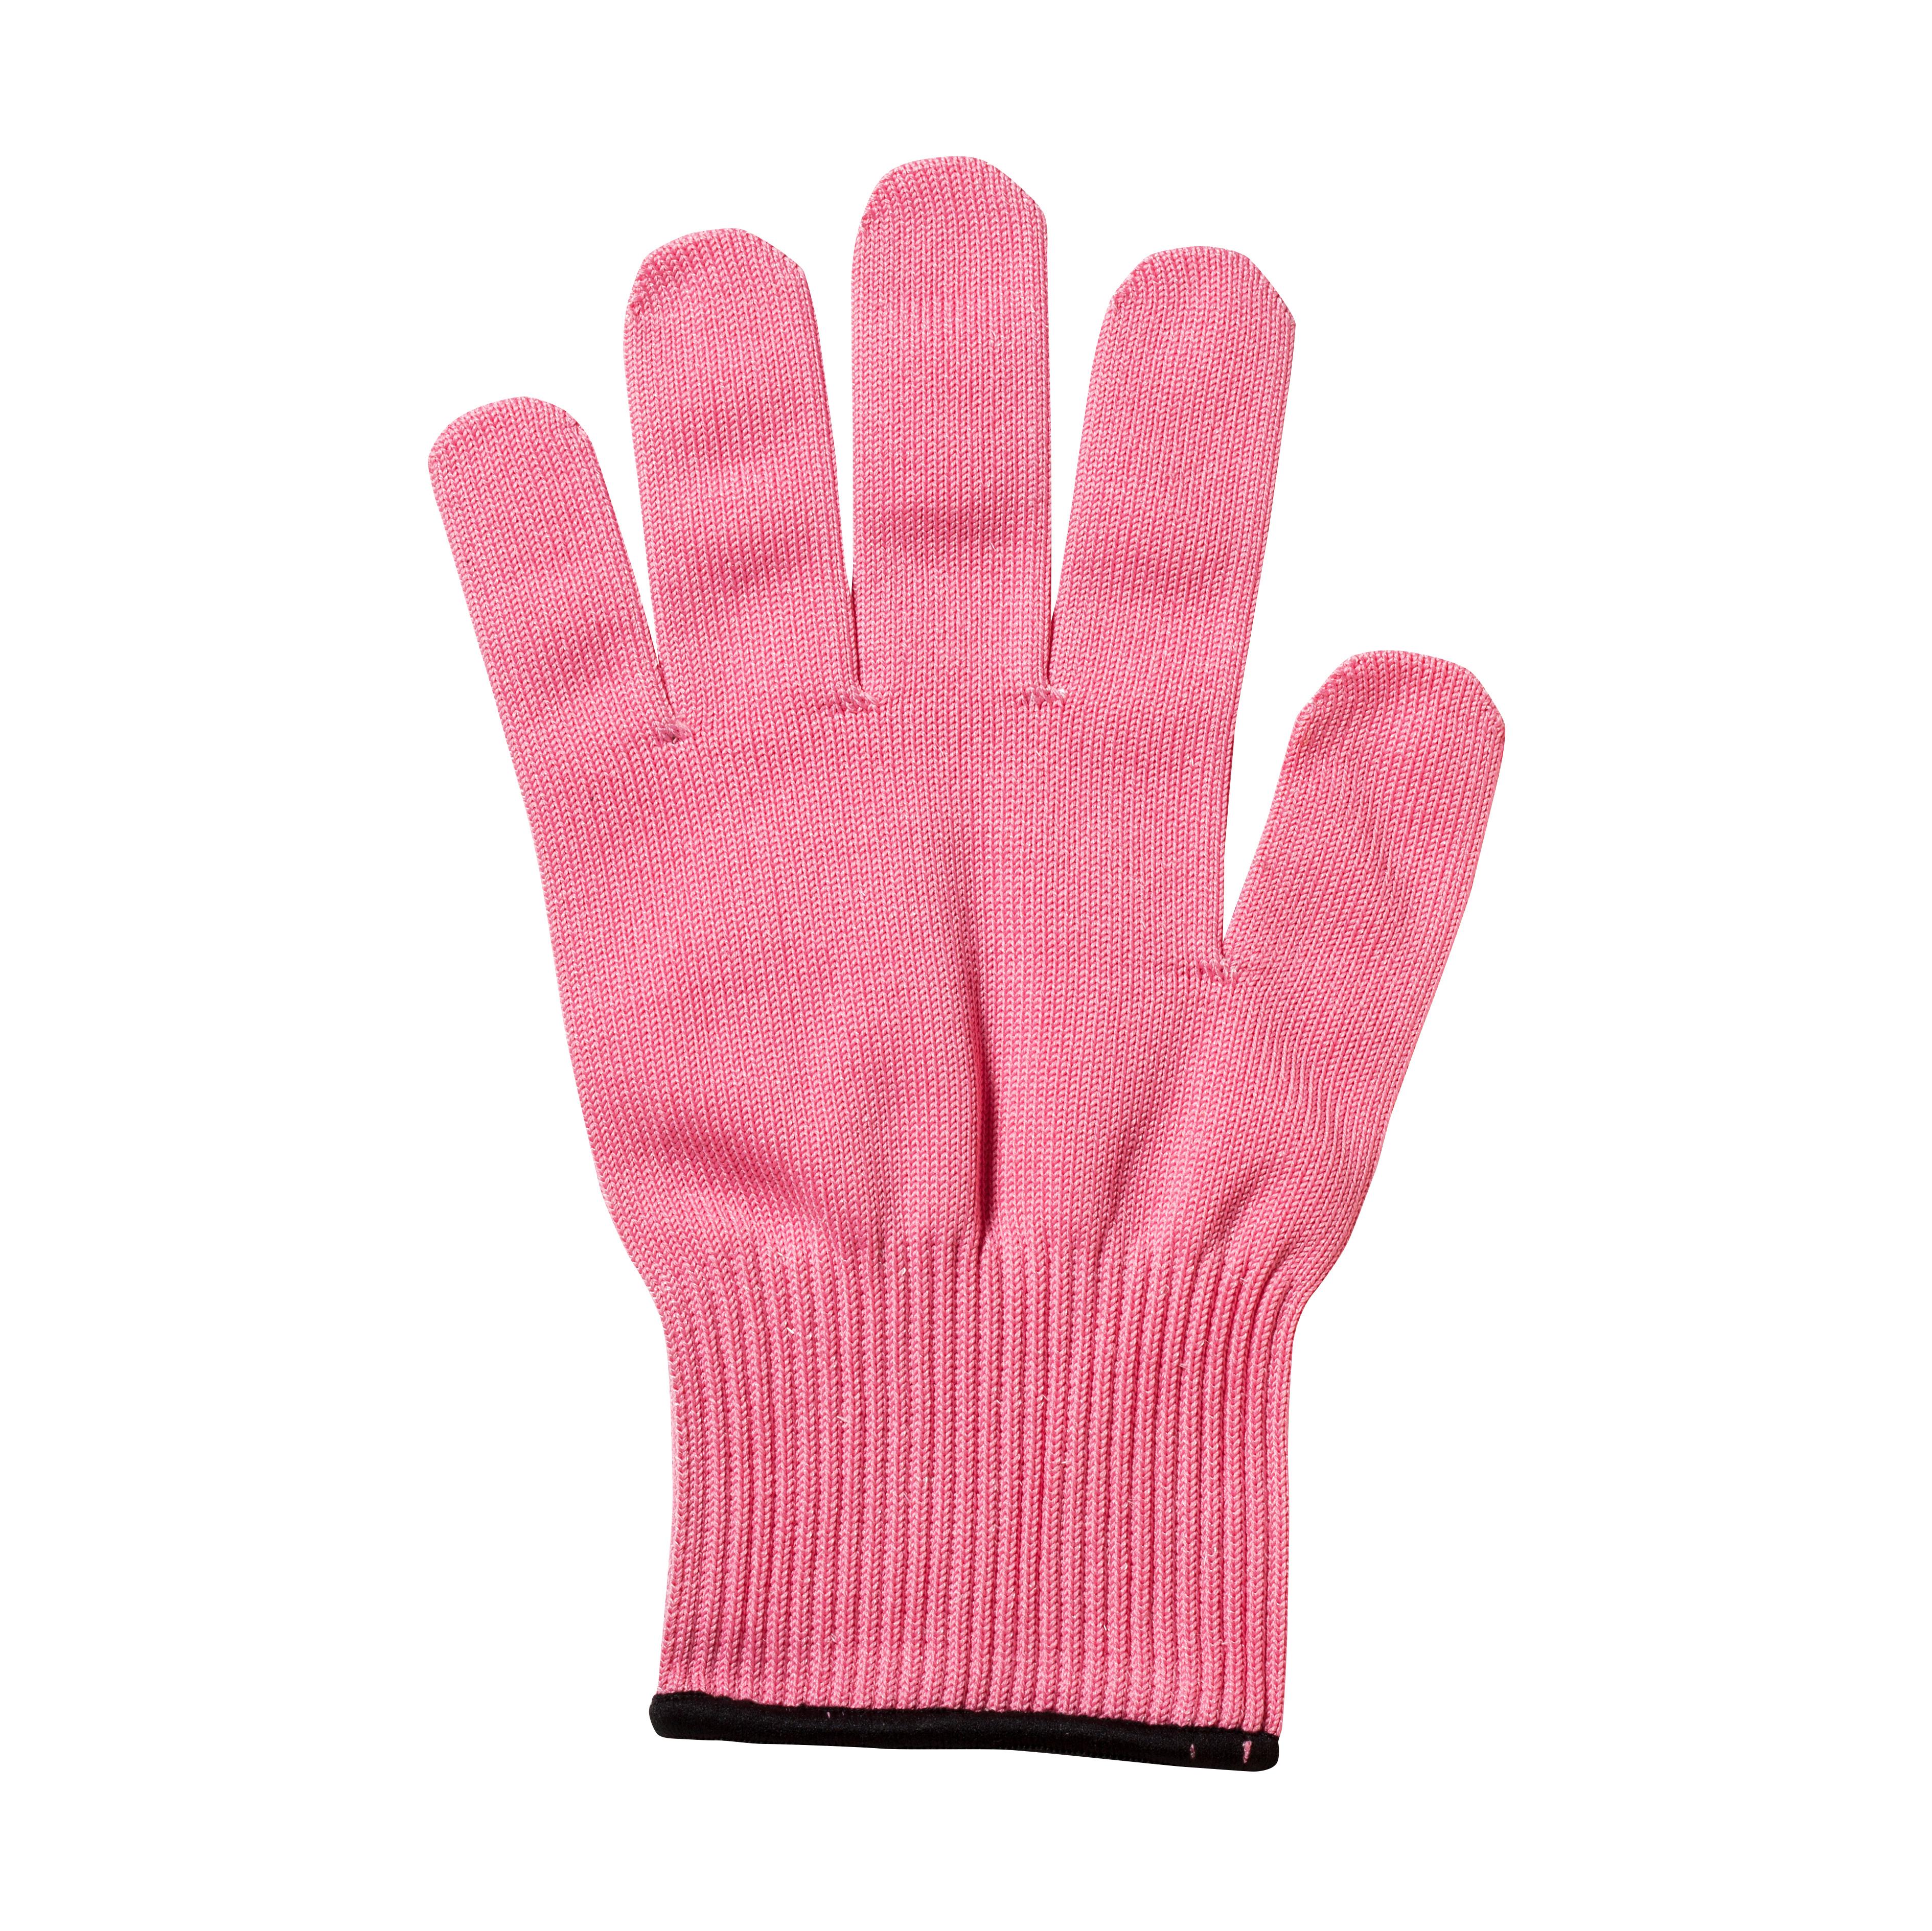 Mercer Culinary M33415PKM glove, cut resistant